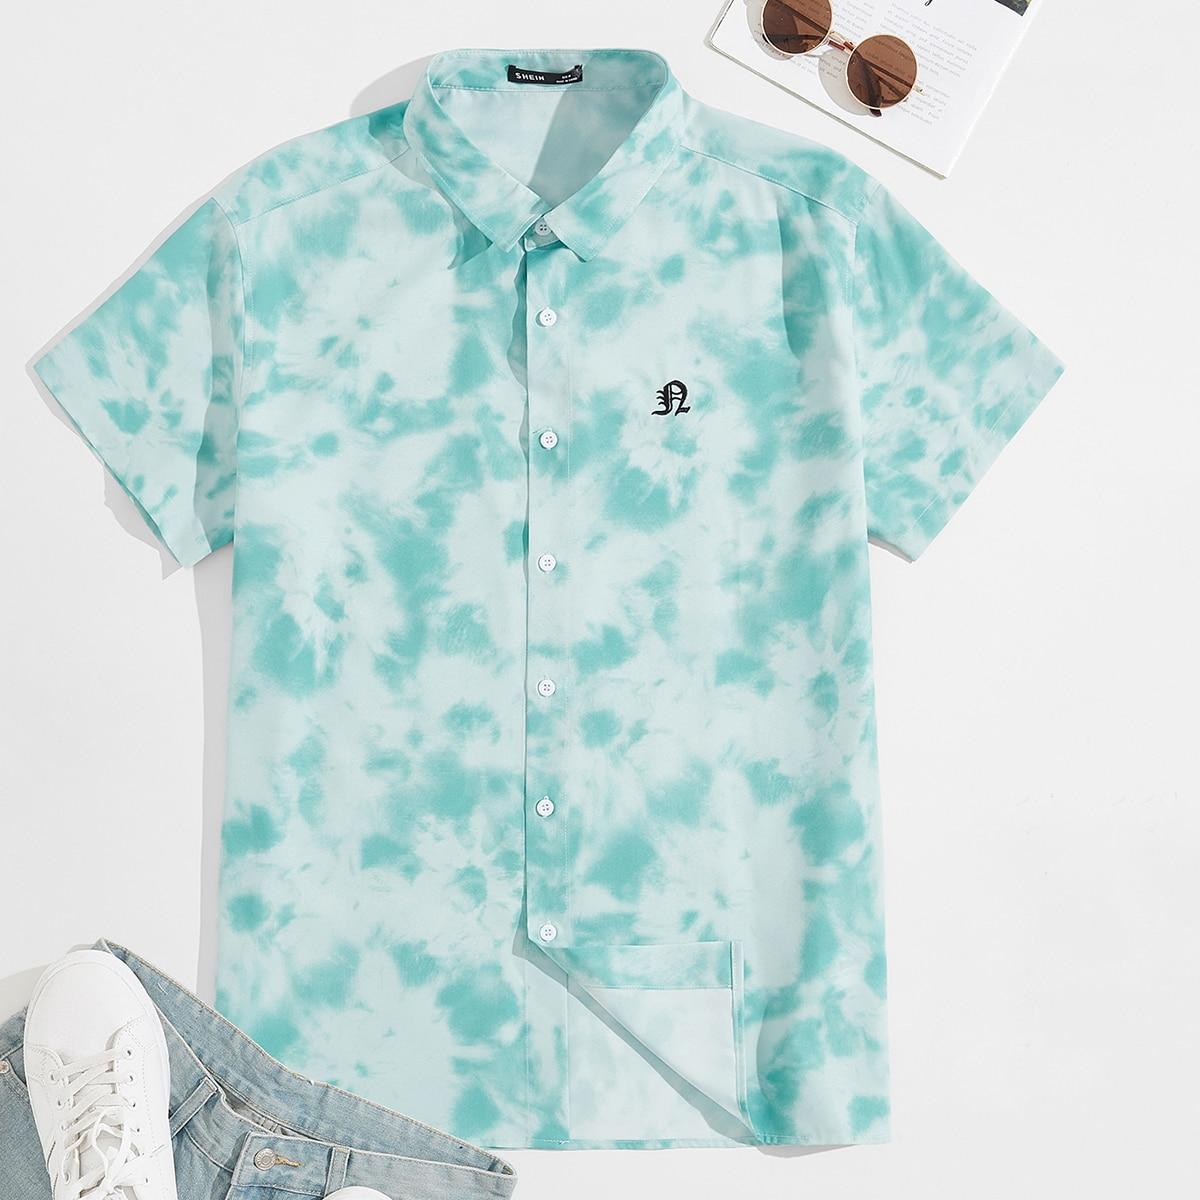 Мужской Рубашка с принтом тай-дай с текстовой вышивкой